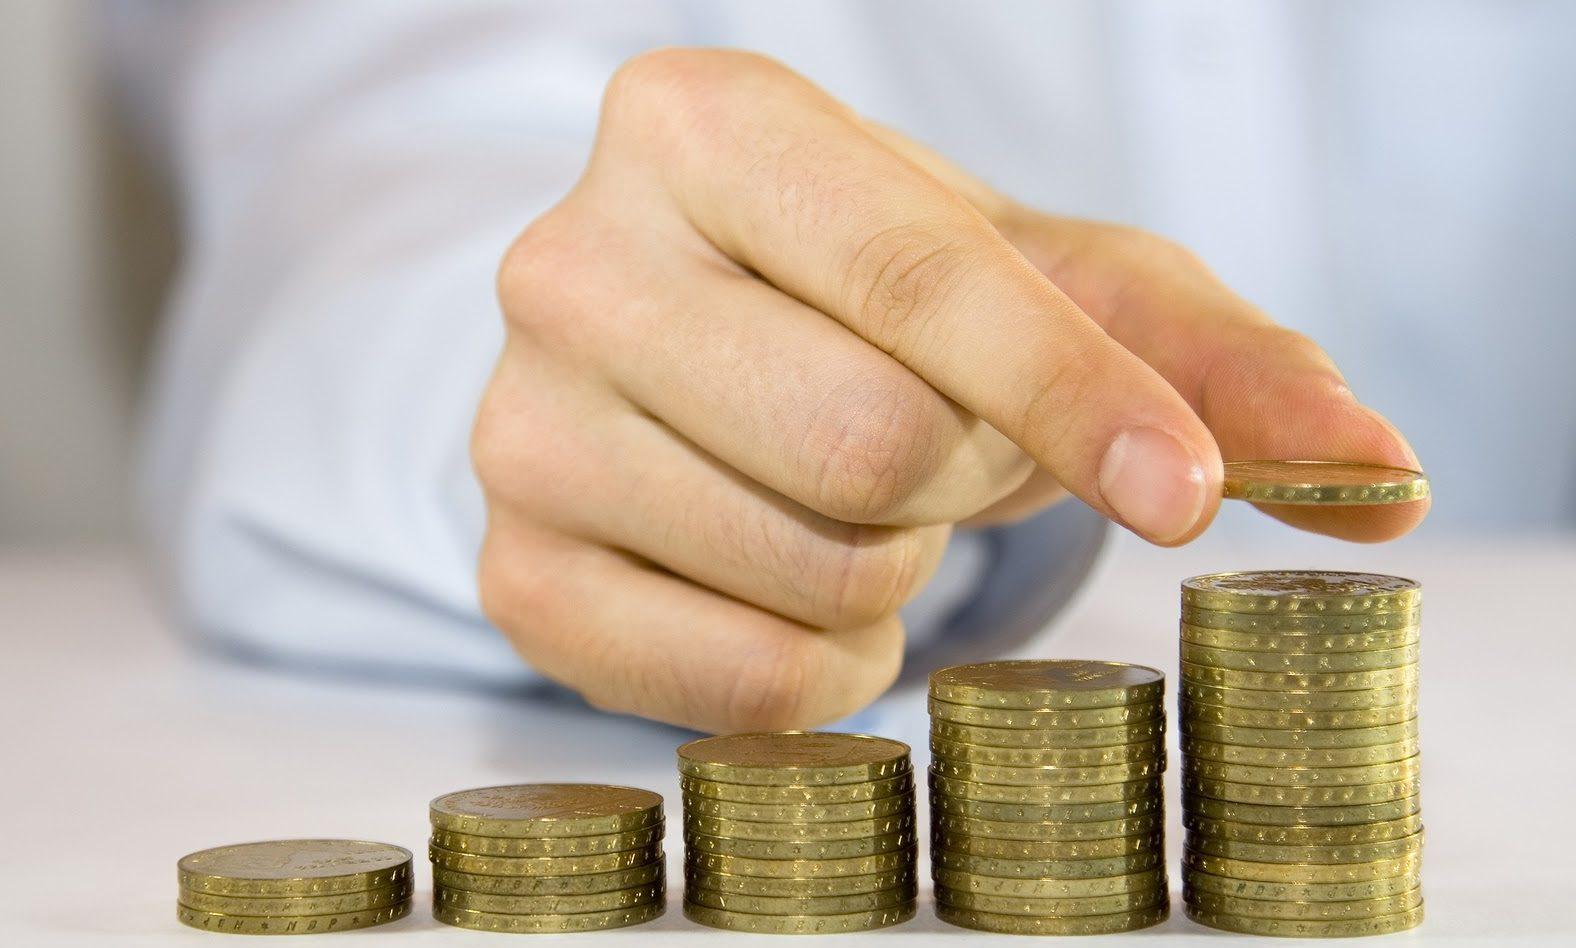 hogyan lehet sok pénzt keresni